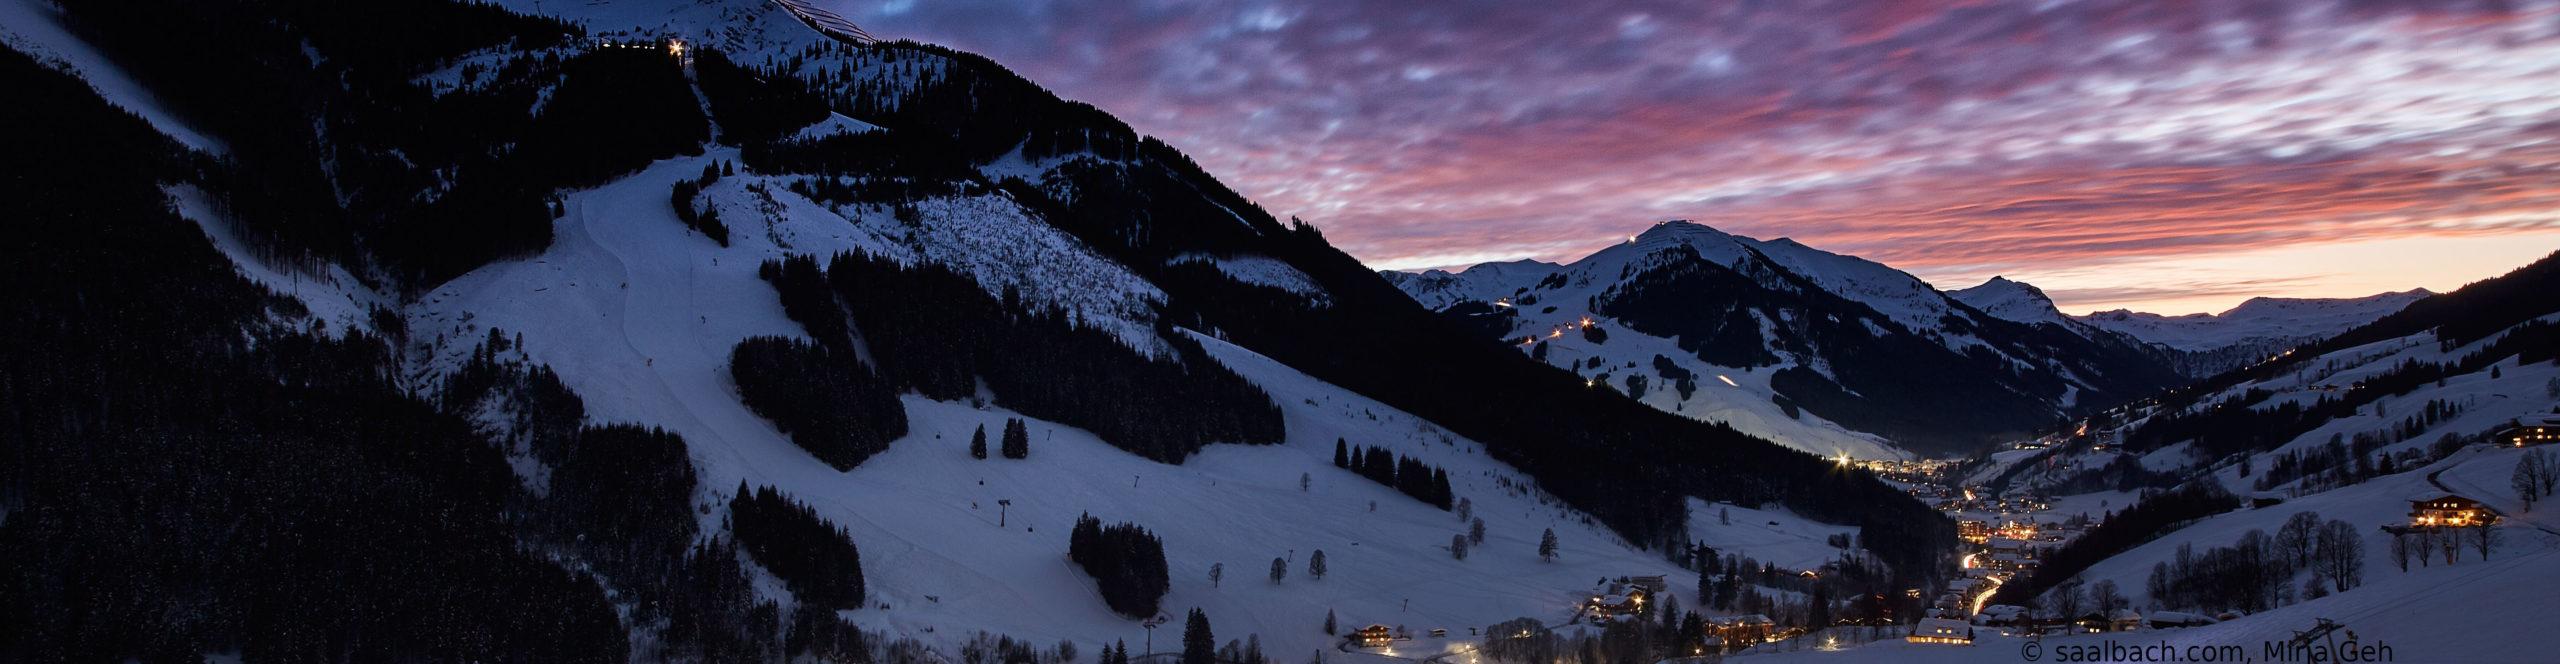 SAALBACH HINTERGLEMM – Skiwochenende nur Schritte vom Lift mit 2 vollen Skitagen